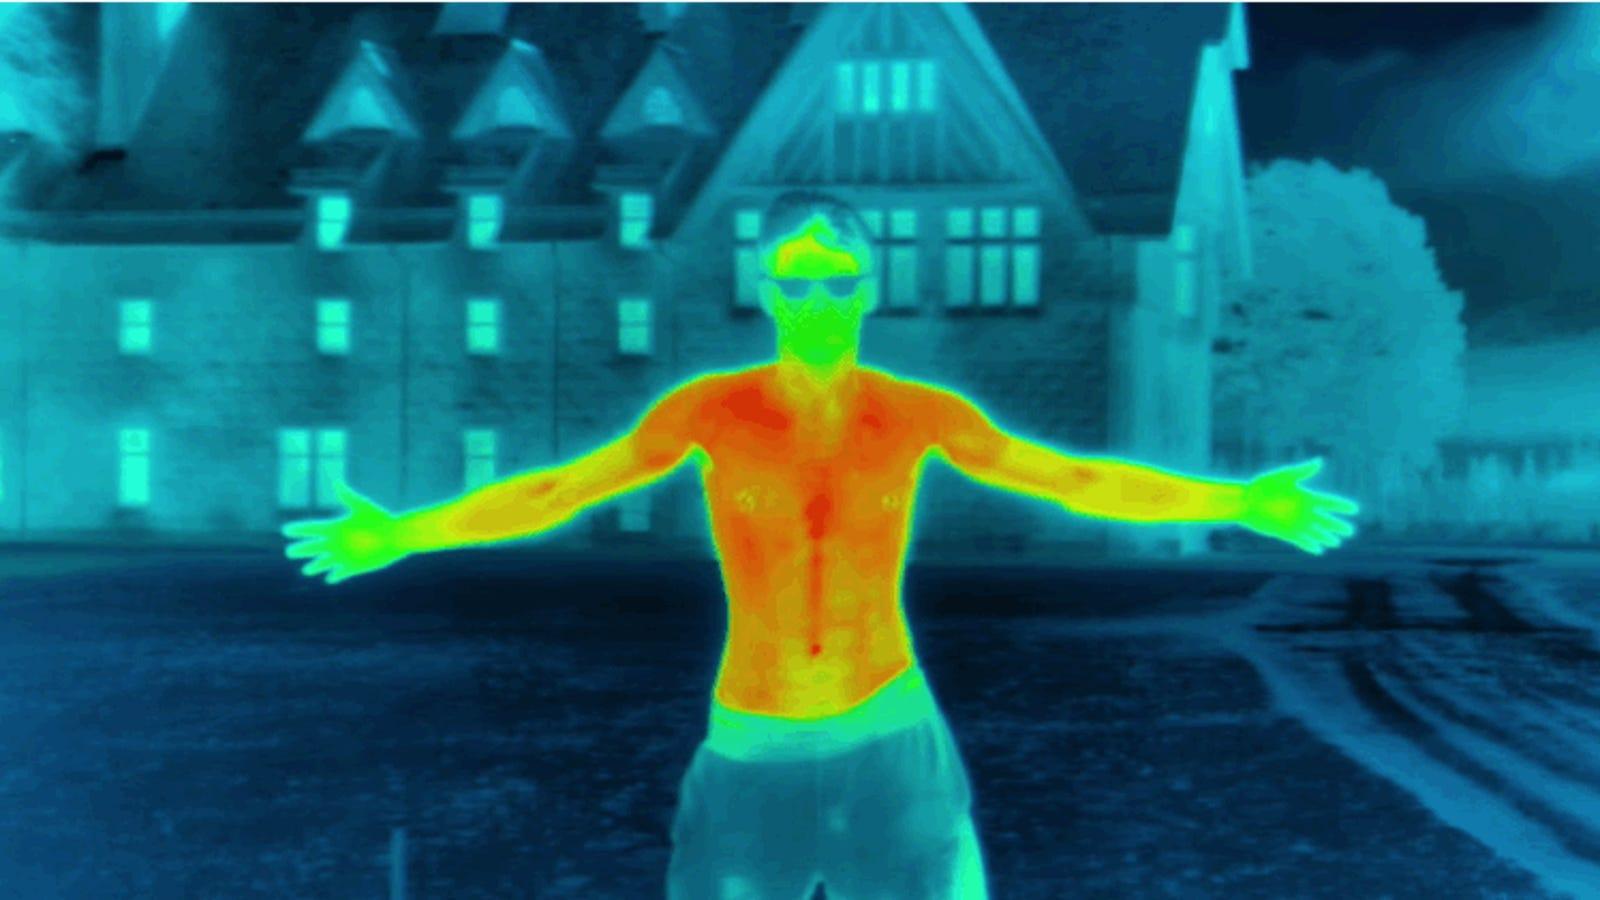 Qué ocurre cuando un ser humano queda expuesto a temperaturas bajo cero sin protección